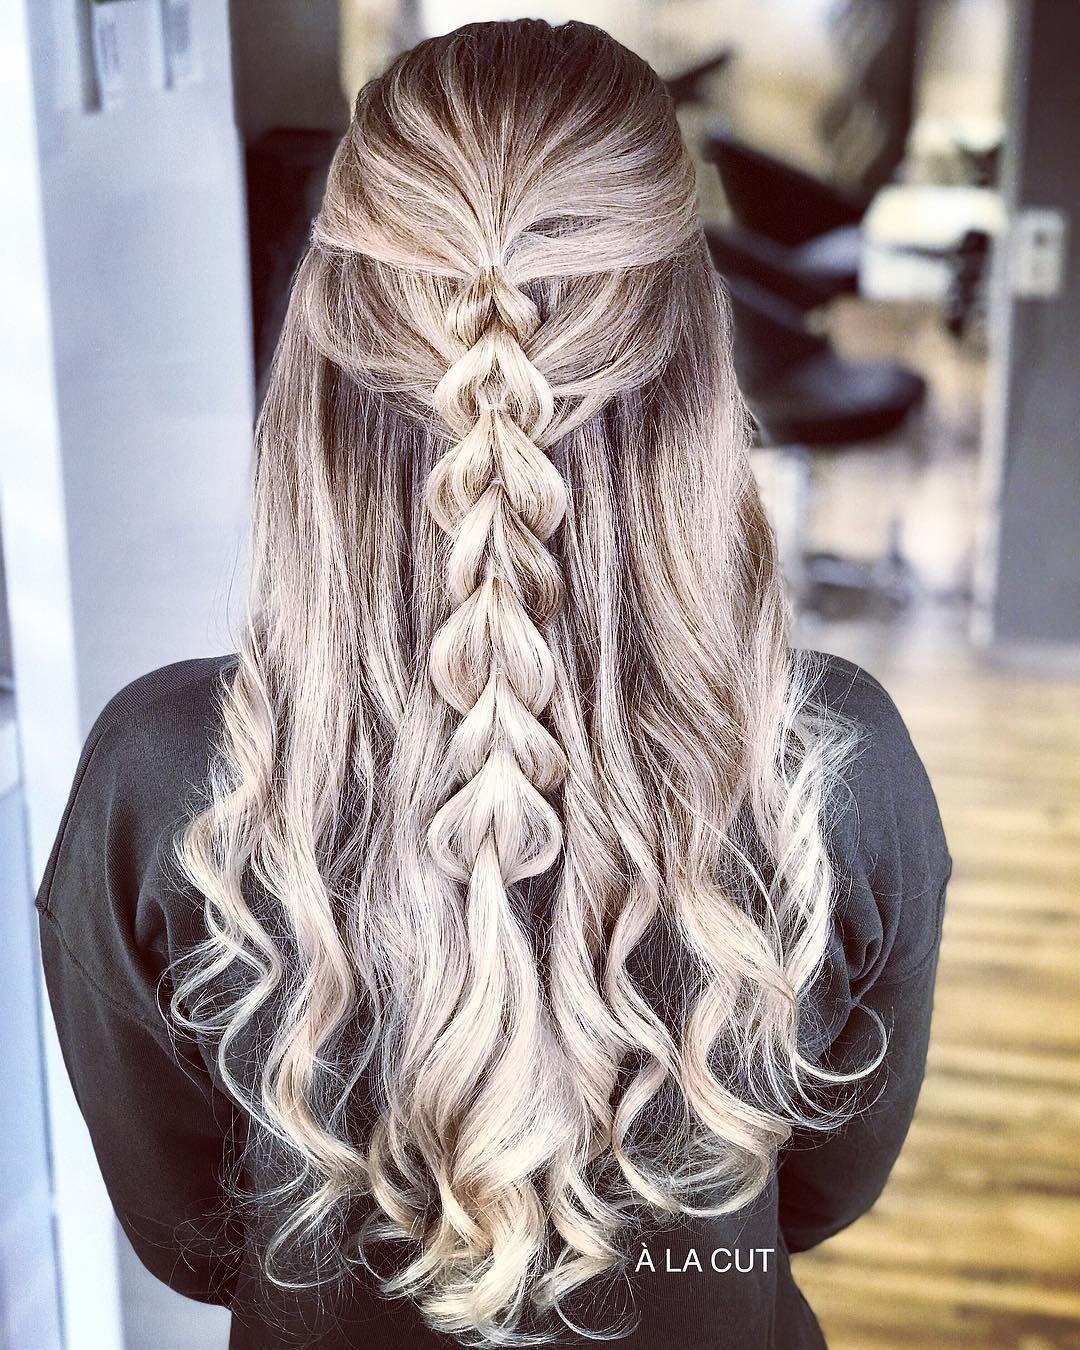 Braut Frisur halb offen für lange Haare  30 Ideen  Hochzeit Box  Brautfrisur ha…